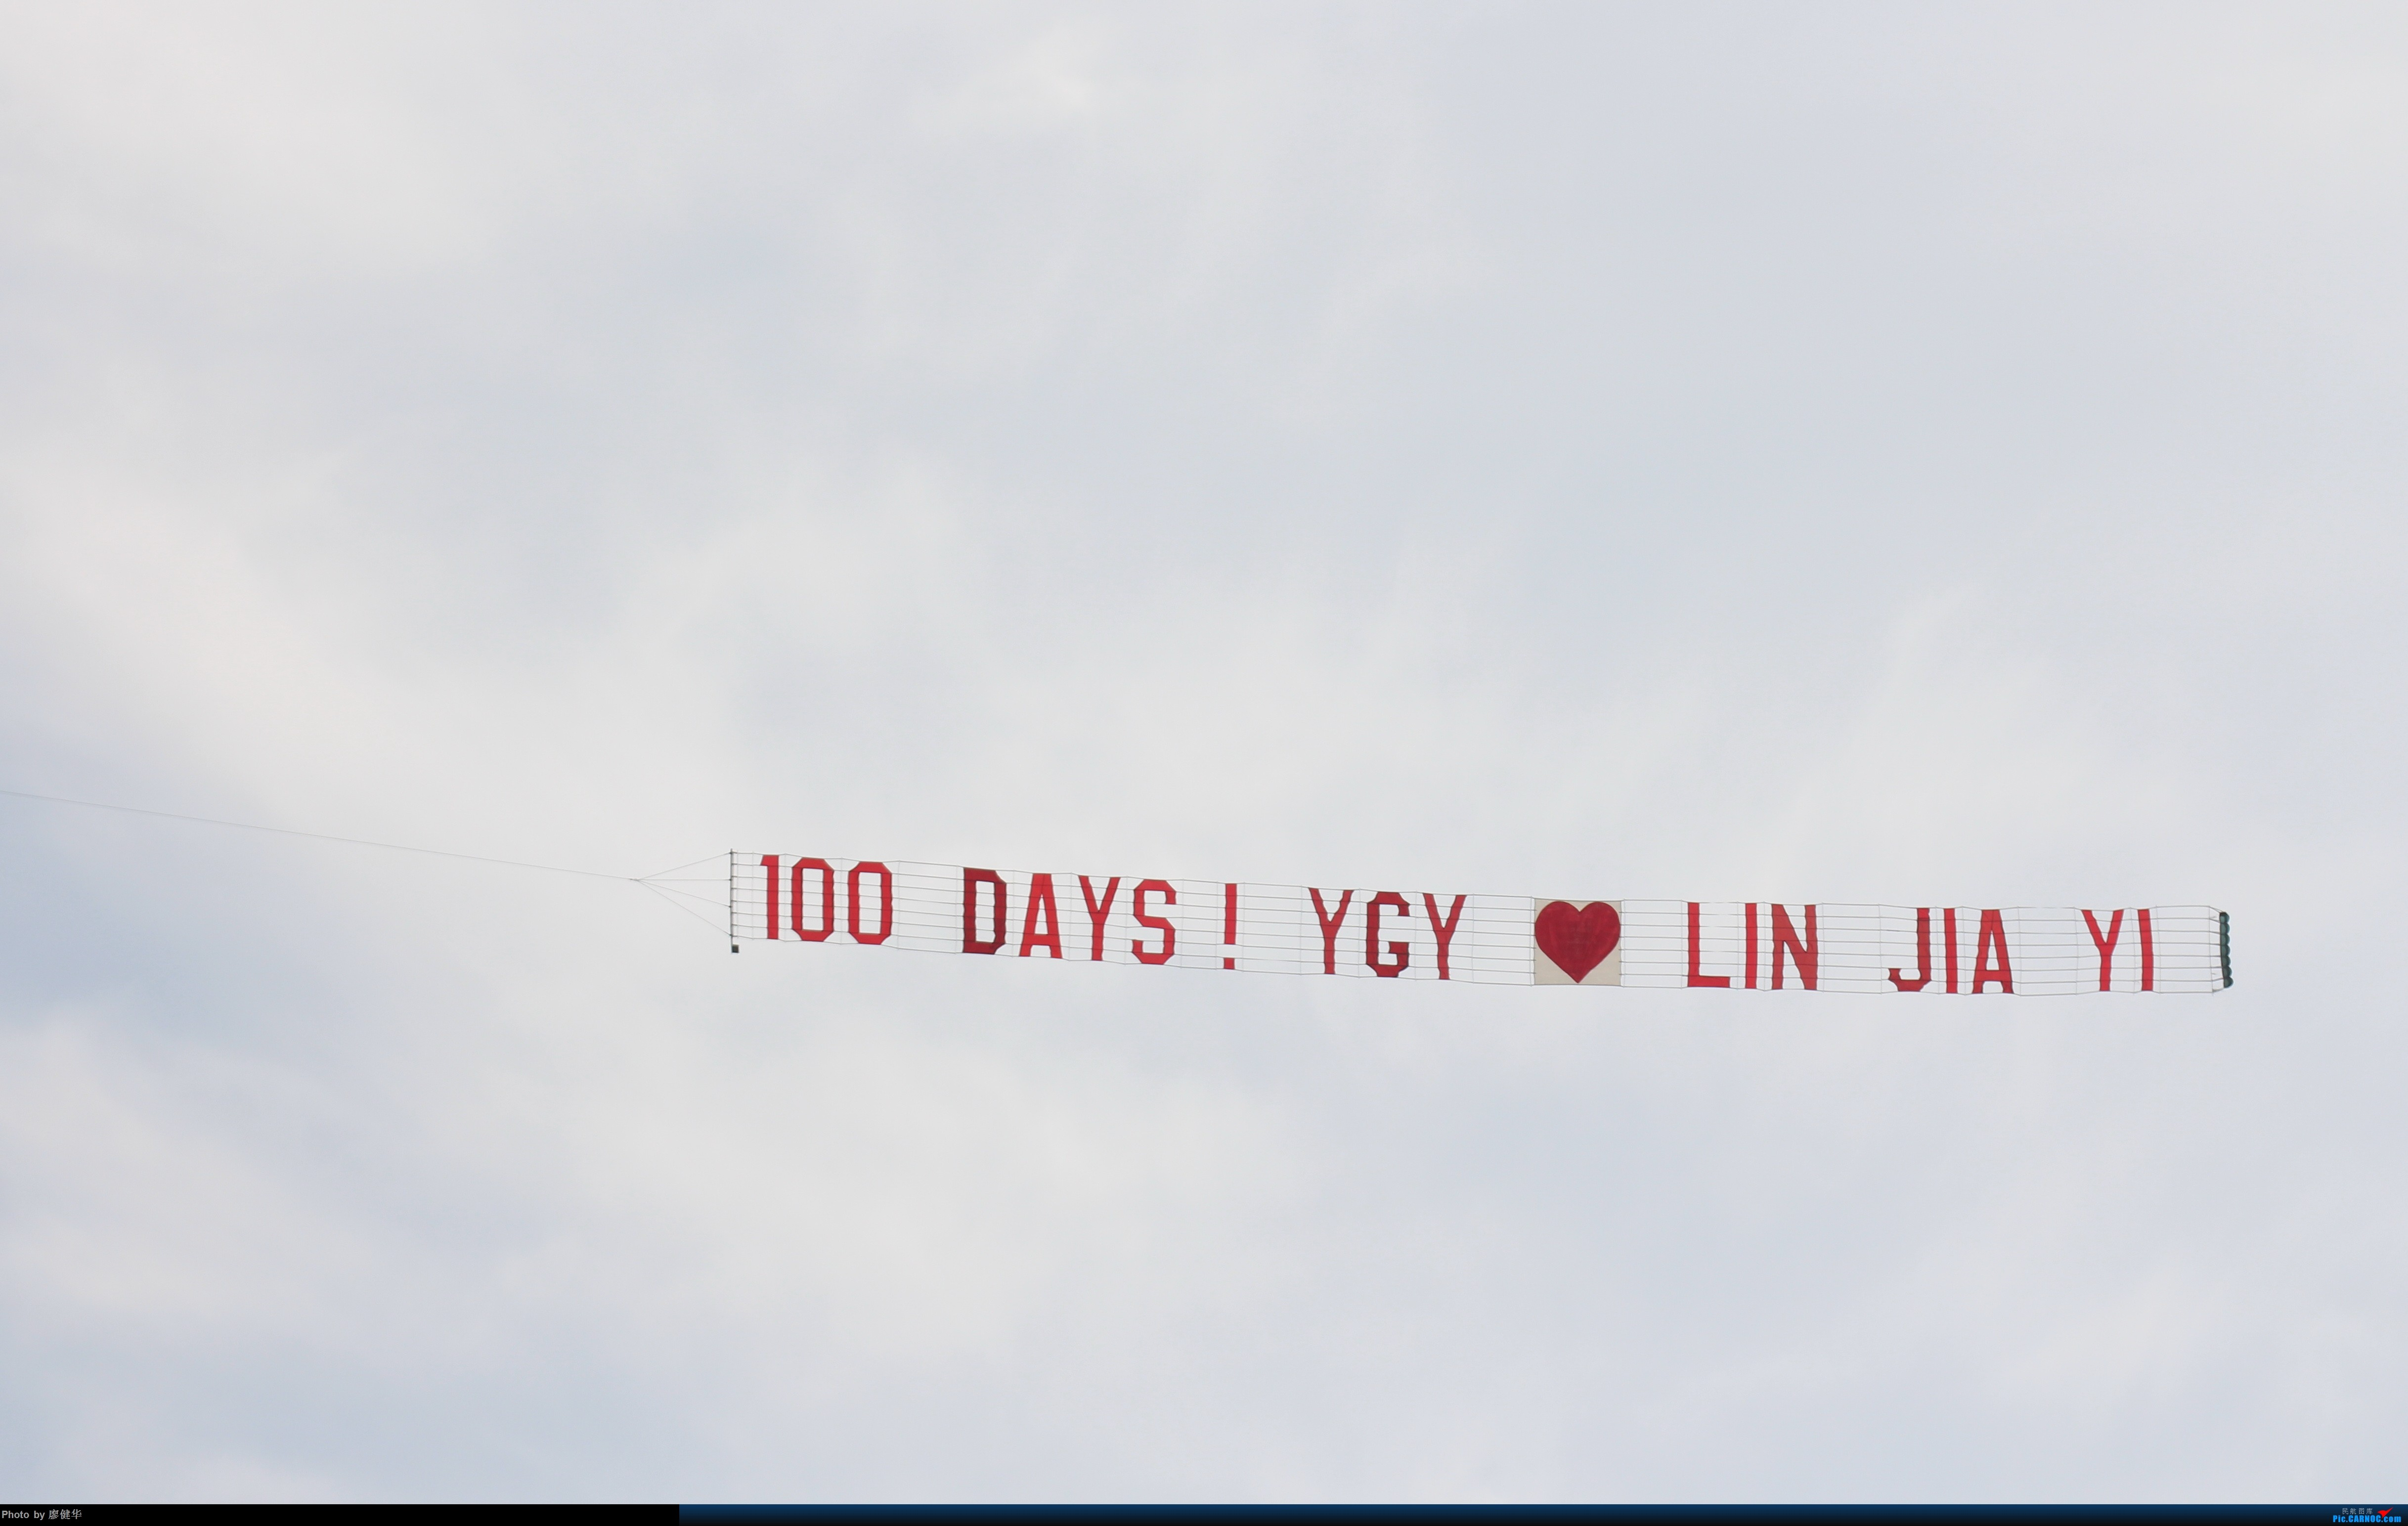 [原创]100 DAY 爱情的力量     飞行员